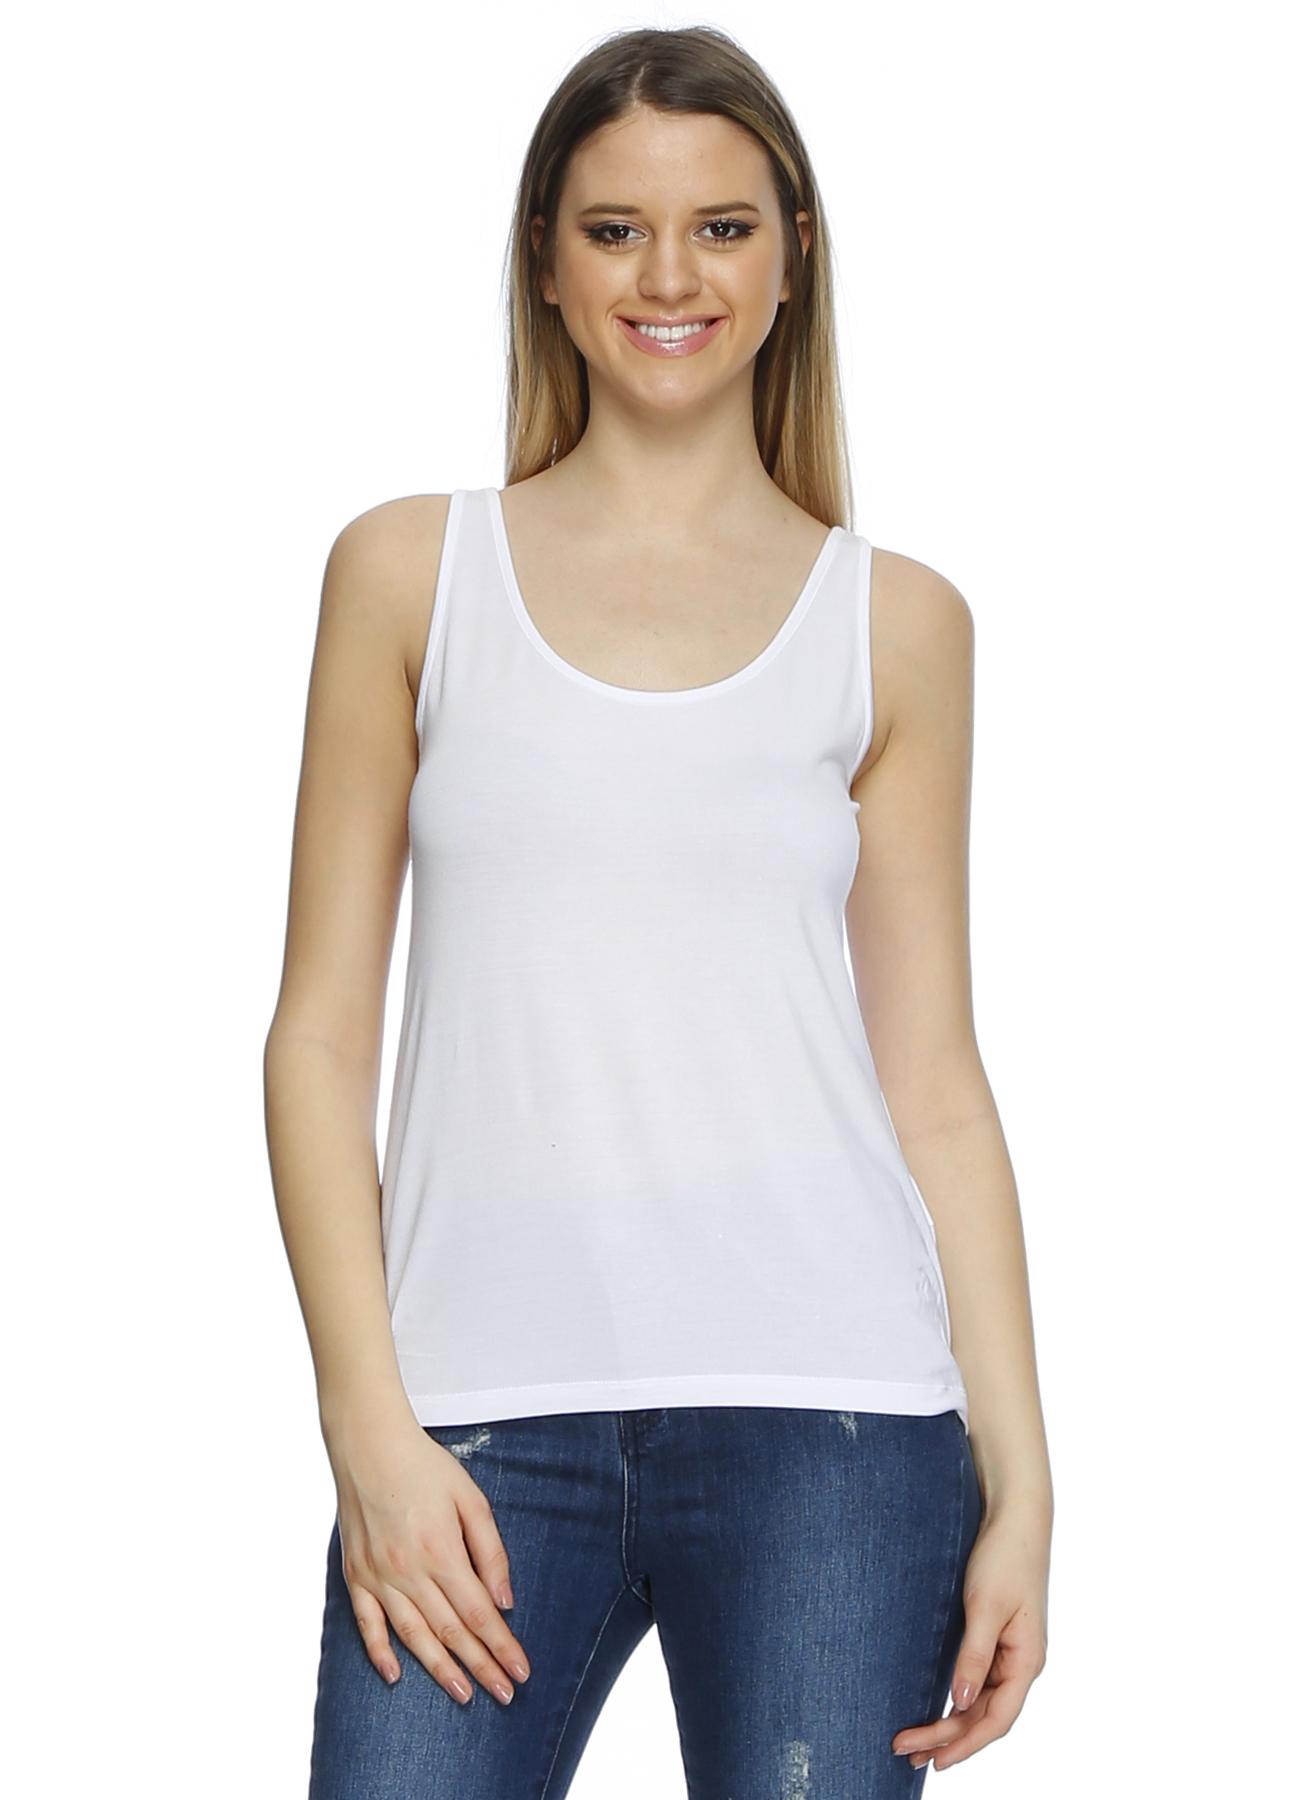 Vero Moda Beyaz Kalın Askılı T-Shirt XS 5000191912005 Ürün Resmi